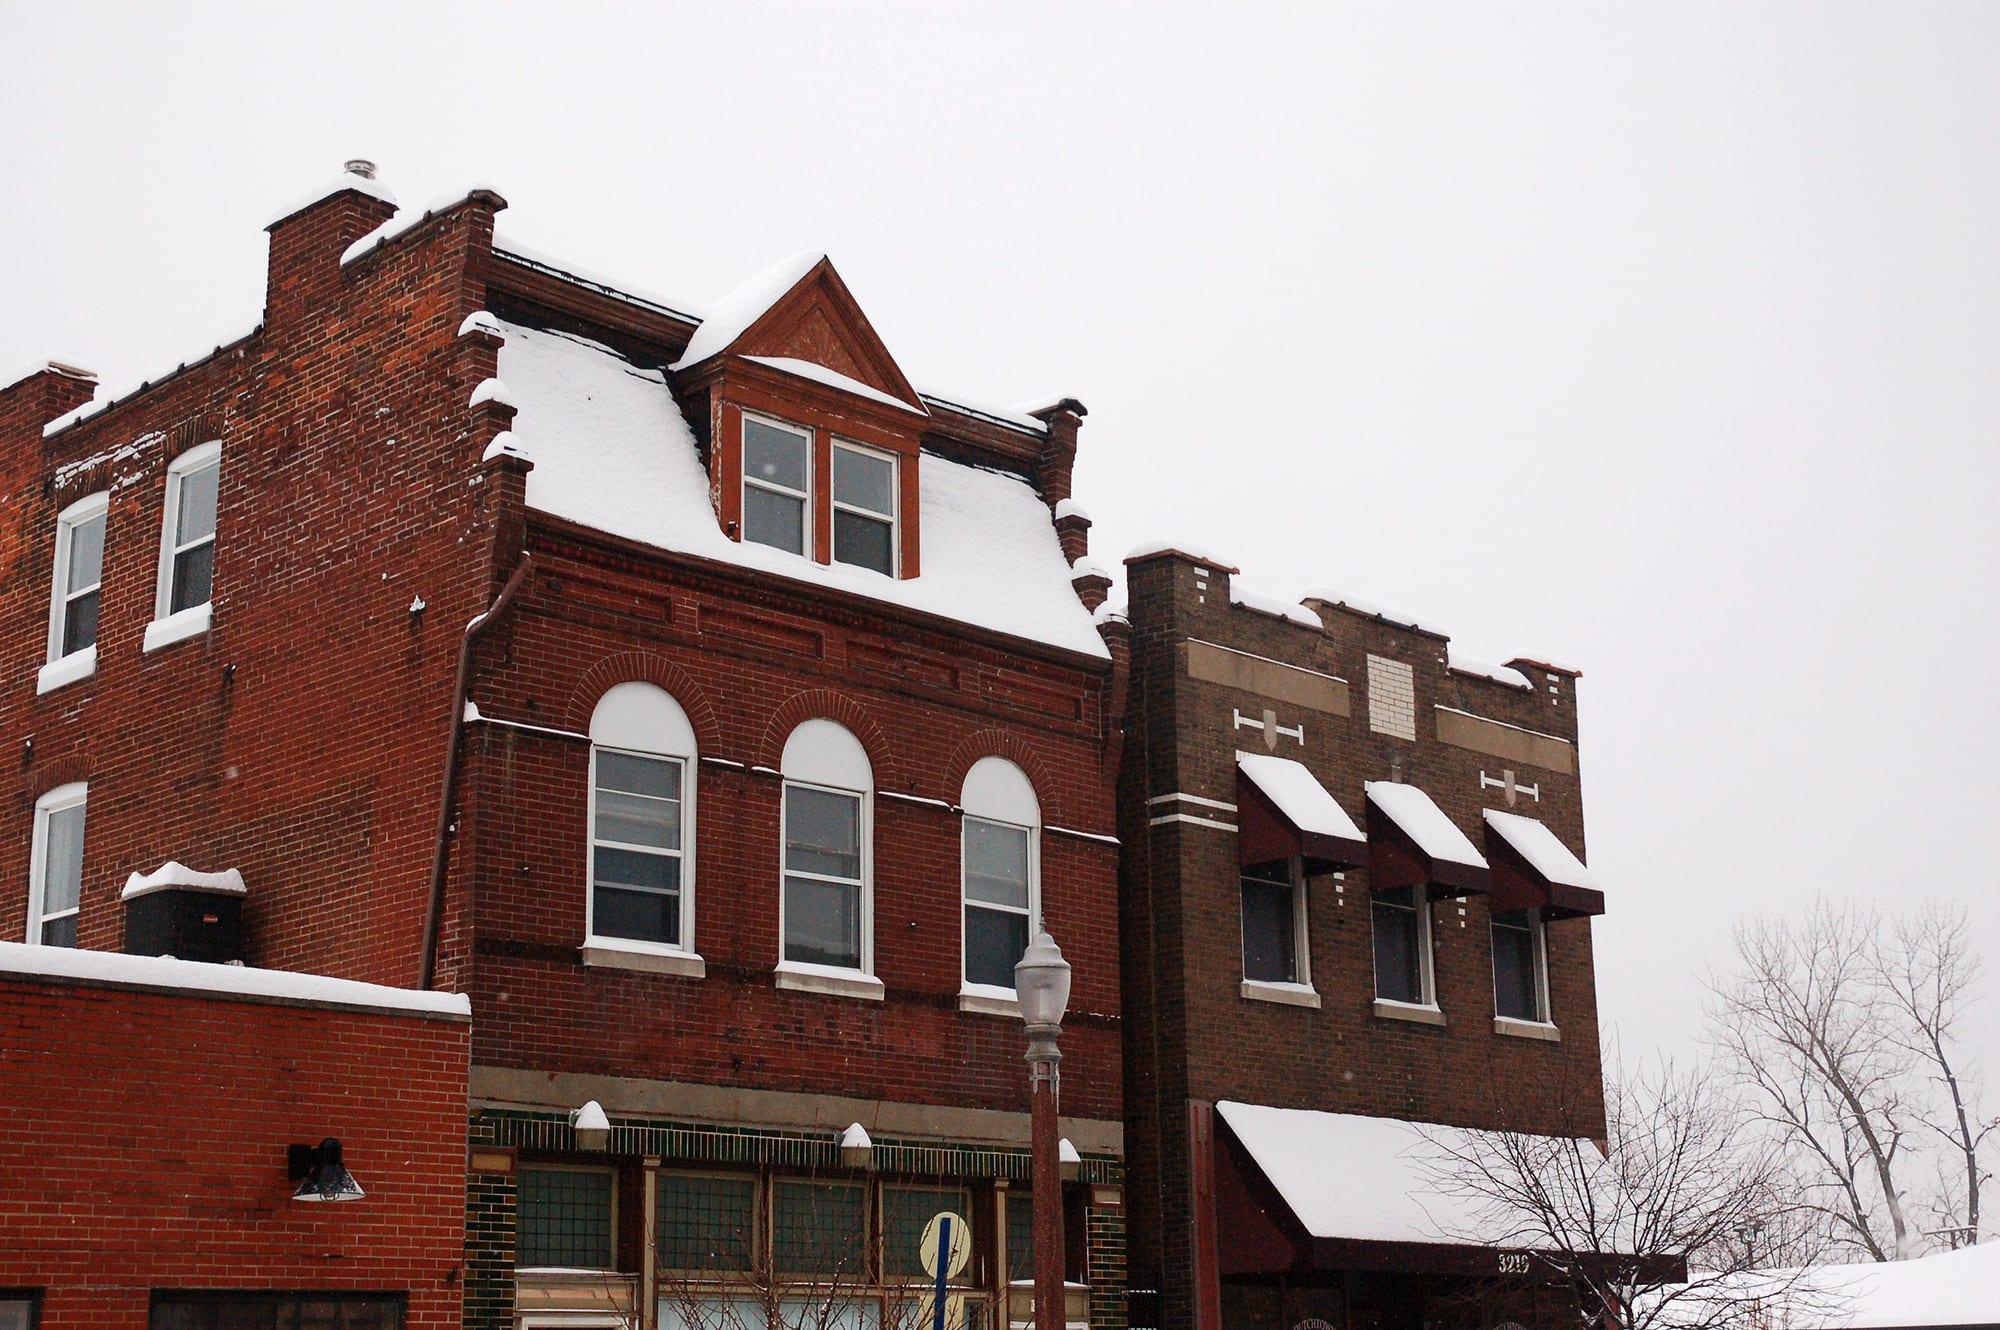 Buildings on Meramec Street in the snow.